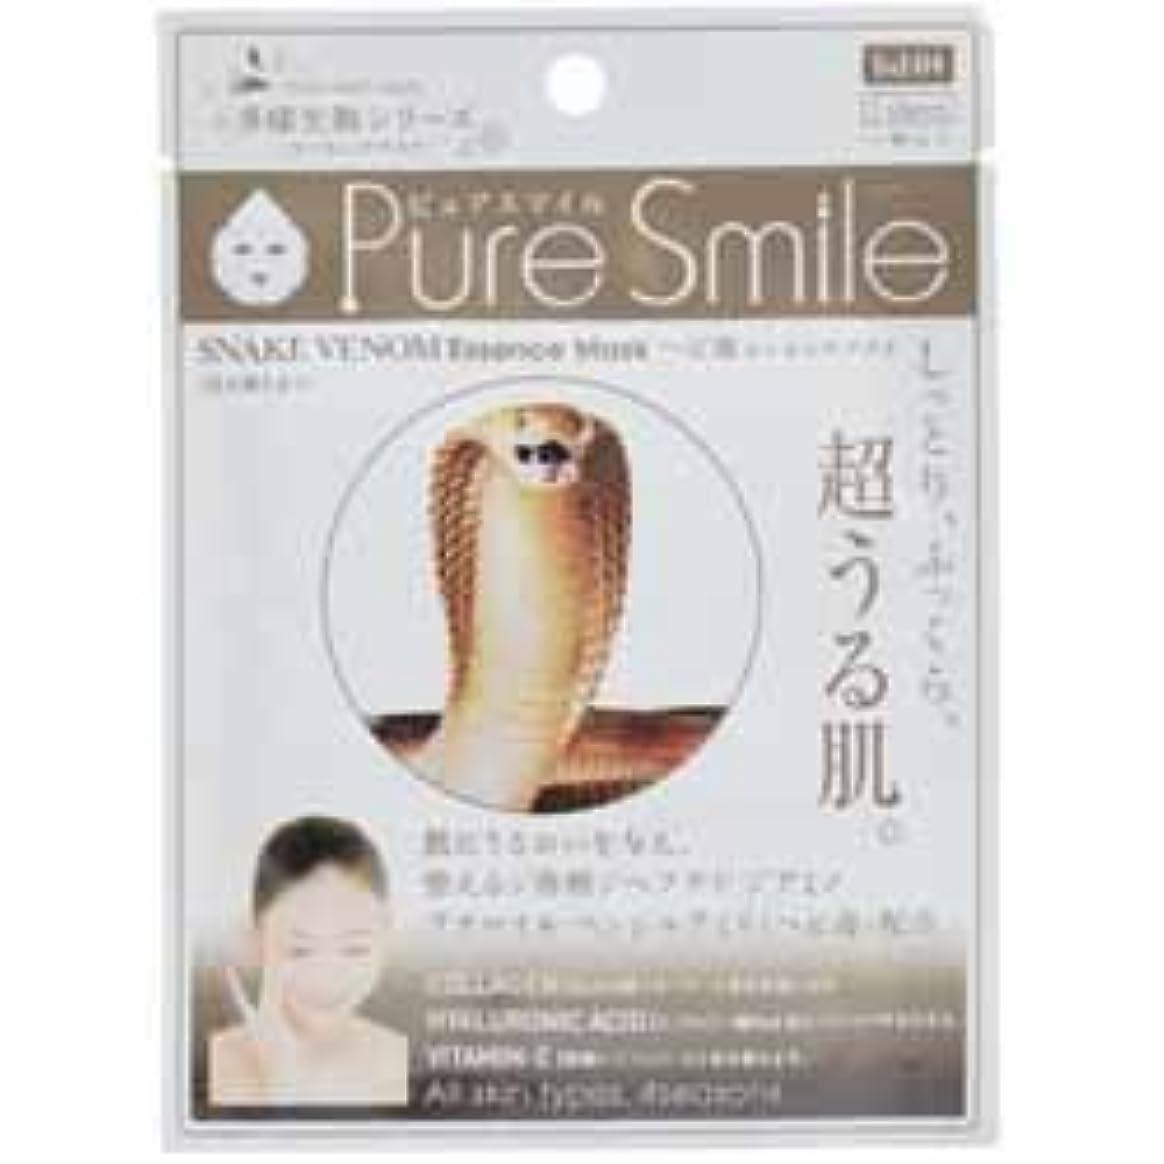 メディカル聖域アンカー【サンスマイル】エッセンスマスク ヘビ毒 1枚 ×3個セット